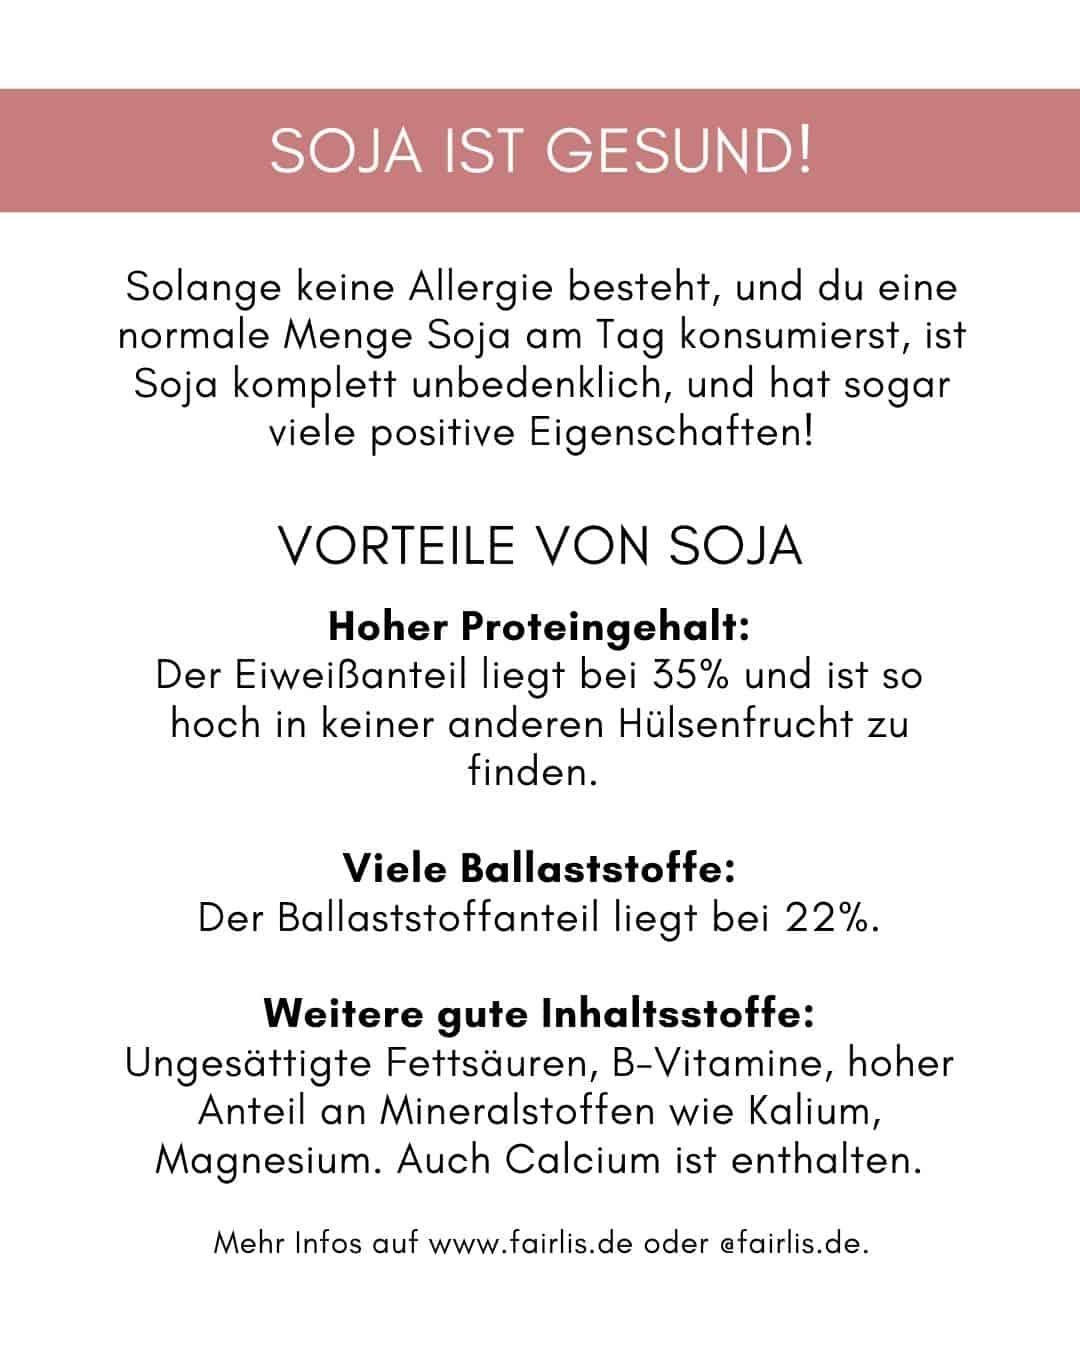 Gesundheitliche Vorteile von Soja